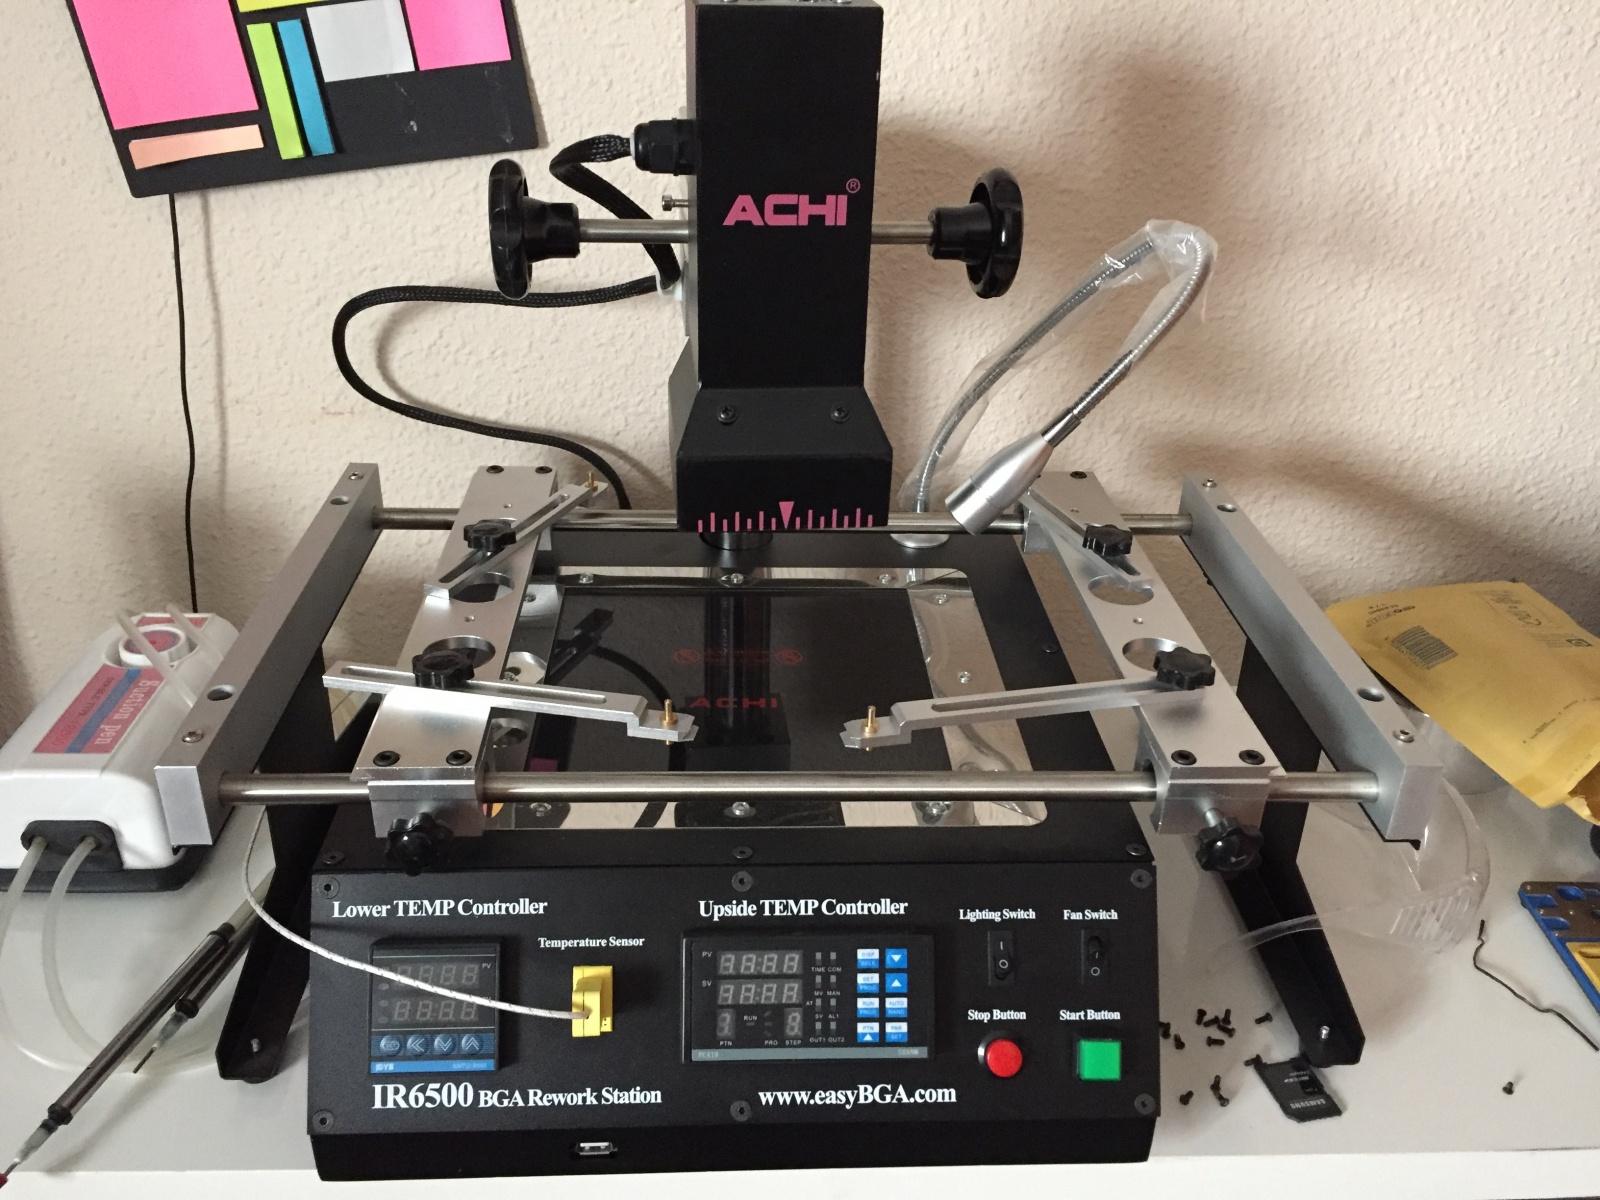 Цифровая камера с дискетой: обозреваем Sony Mavica MVC-FD73 - 11